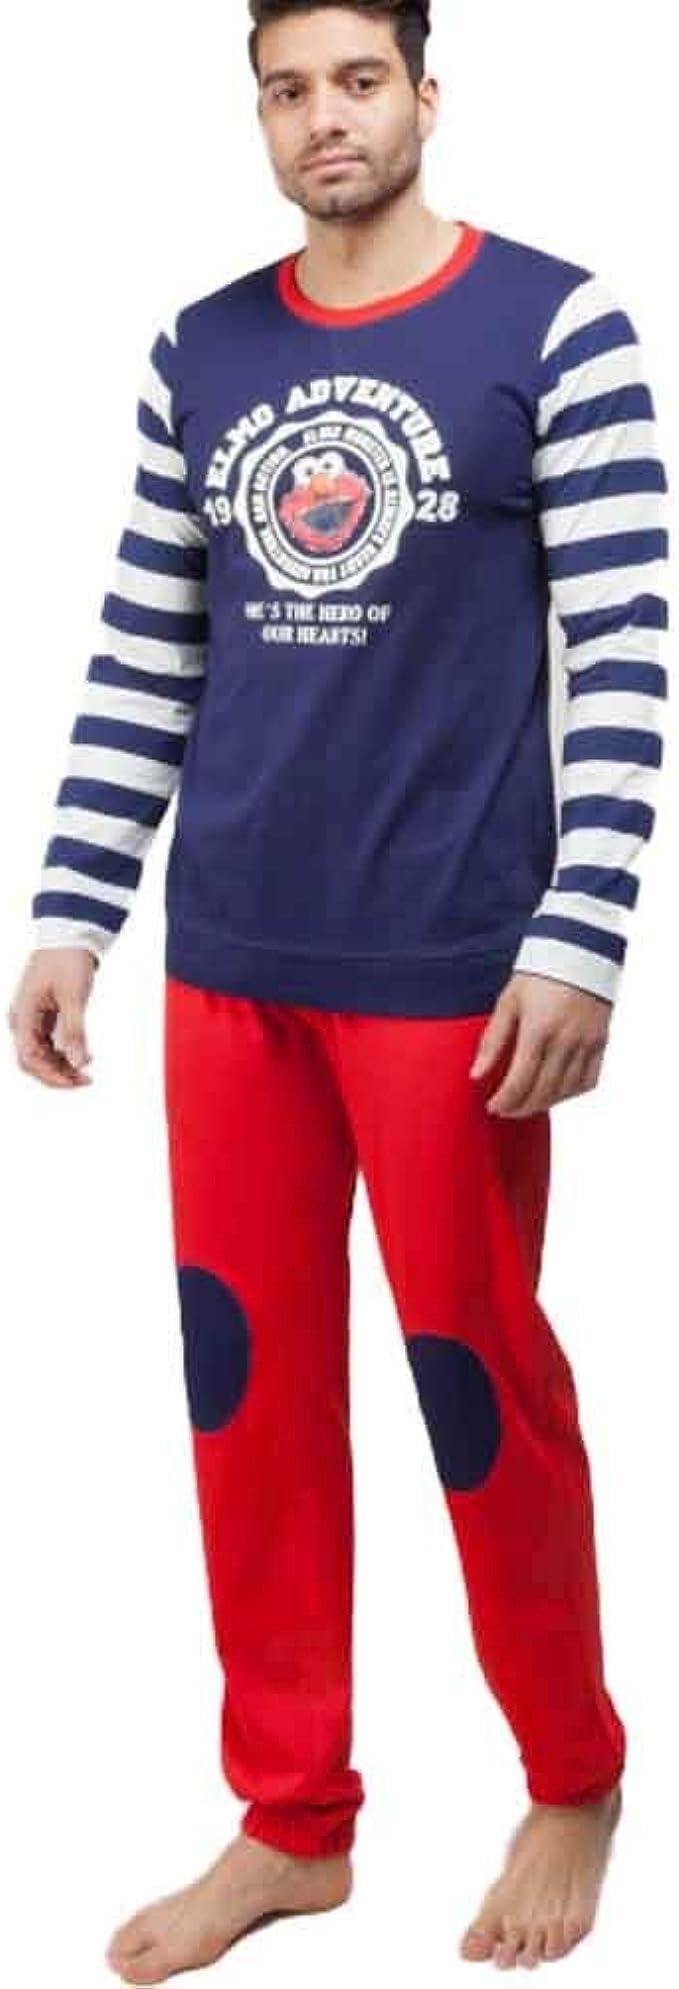 GISELA Pijama de Hombre Elmo 2/1561 - Azul, S: Amazon.es: Ropa